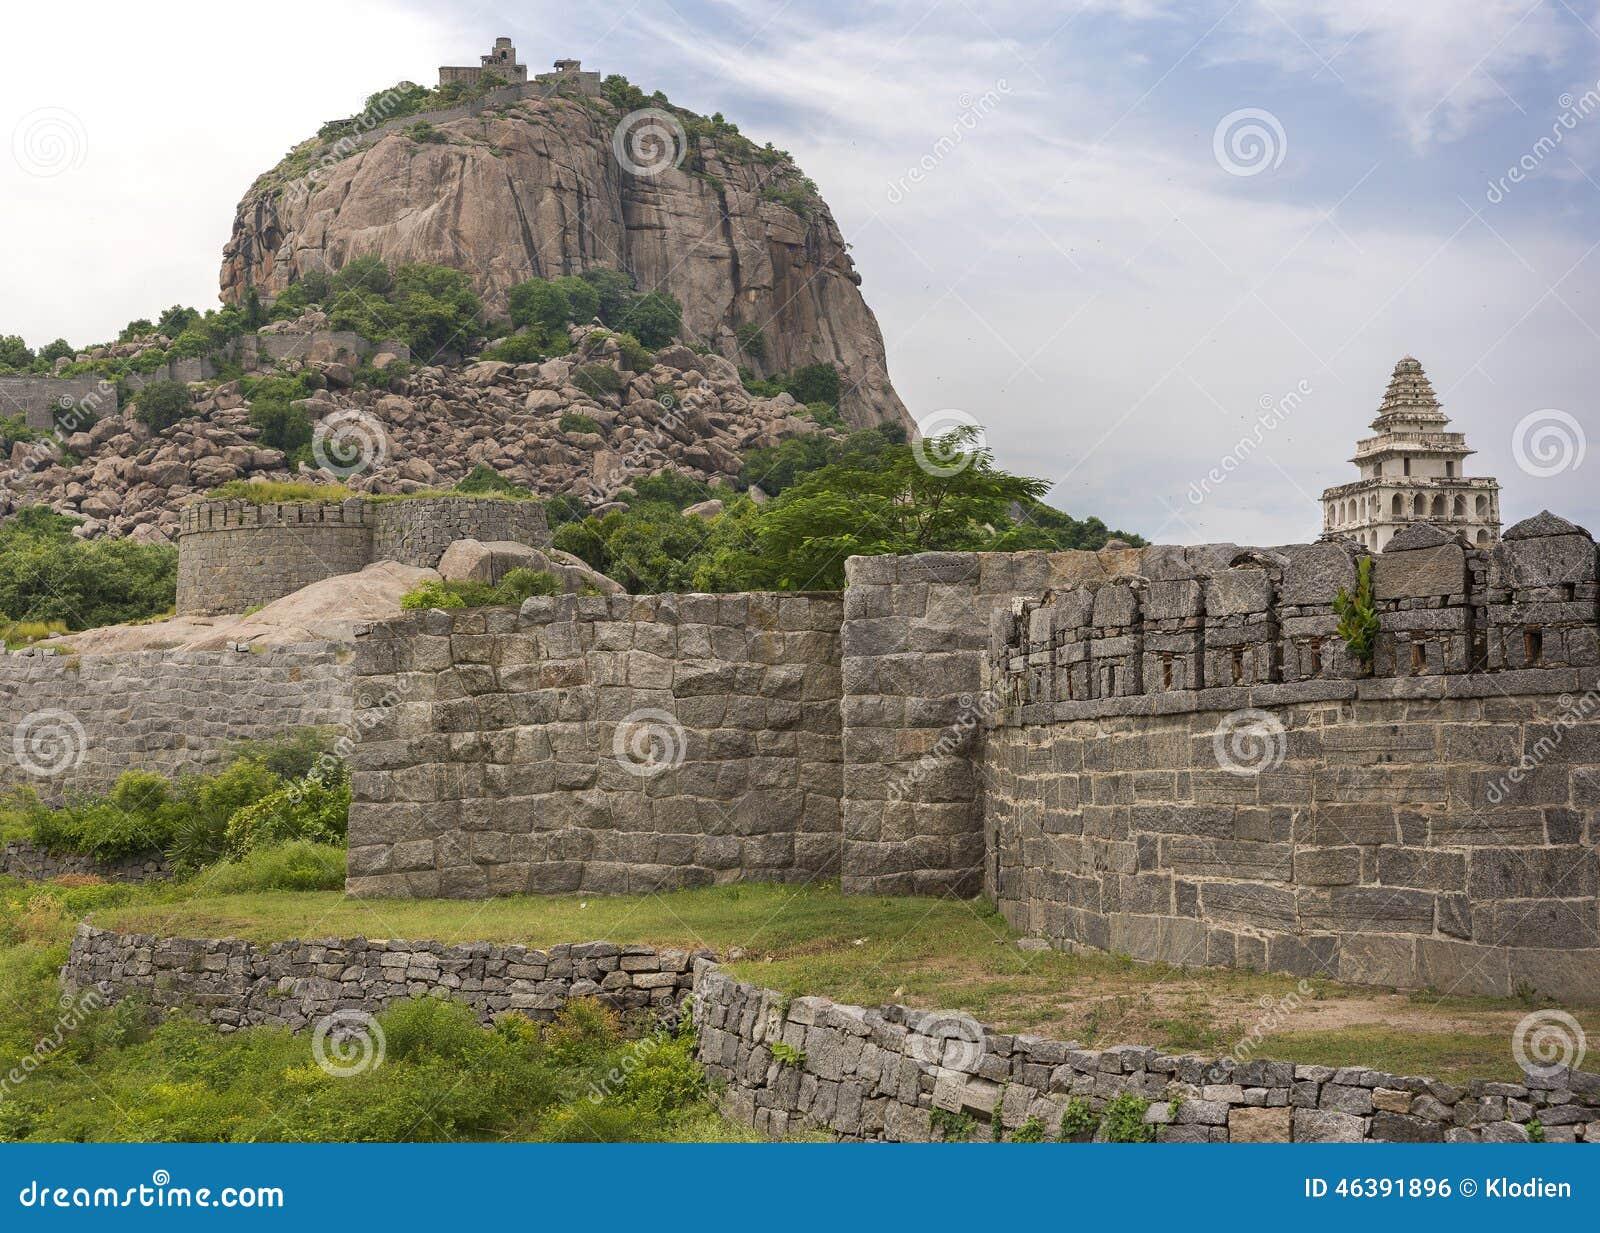 La fortificazione di Gingee domina la collina con i bastioni